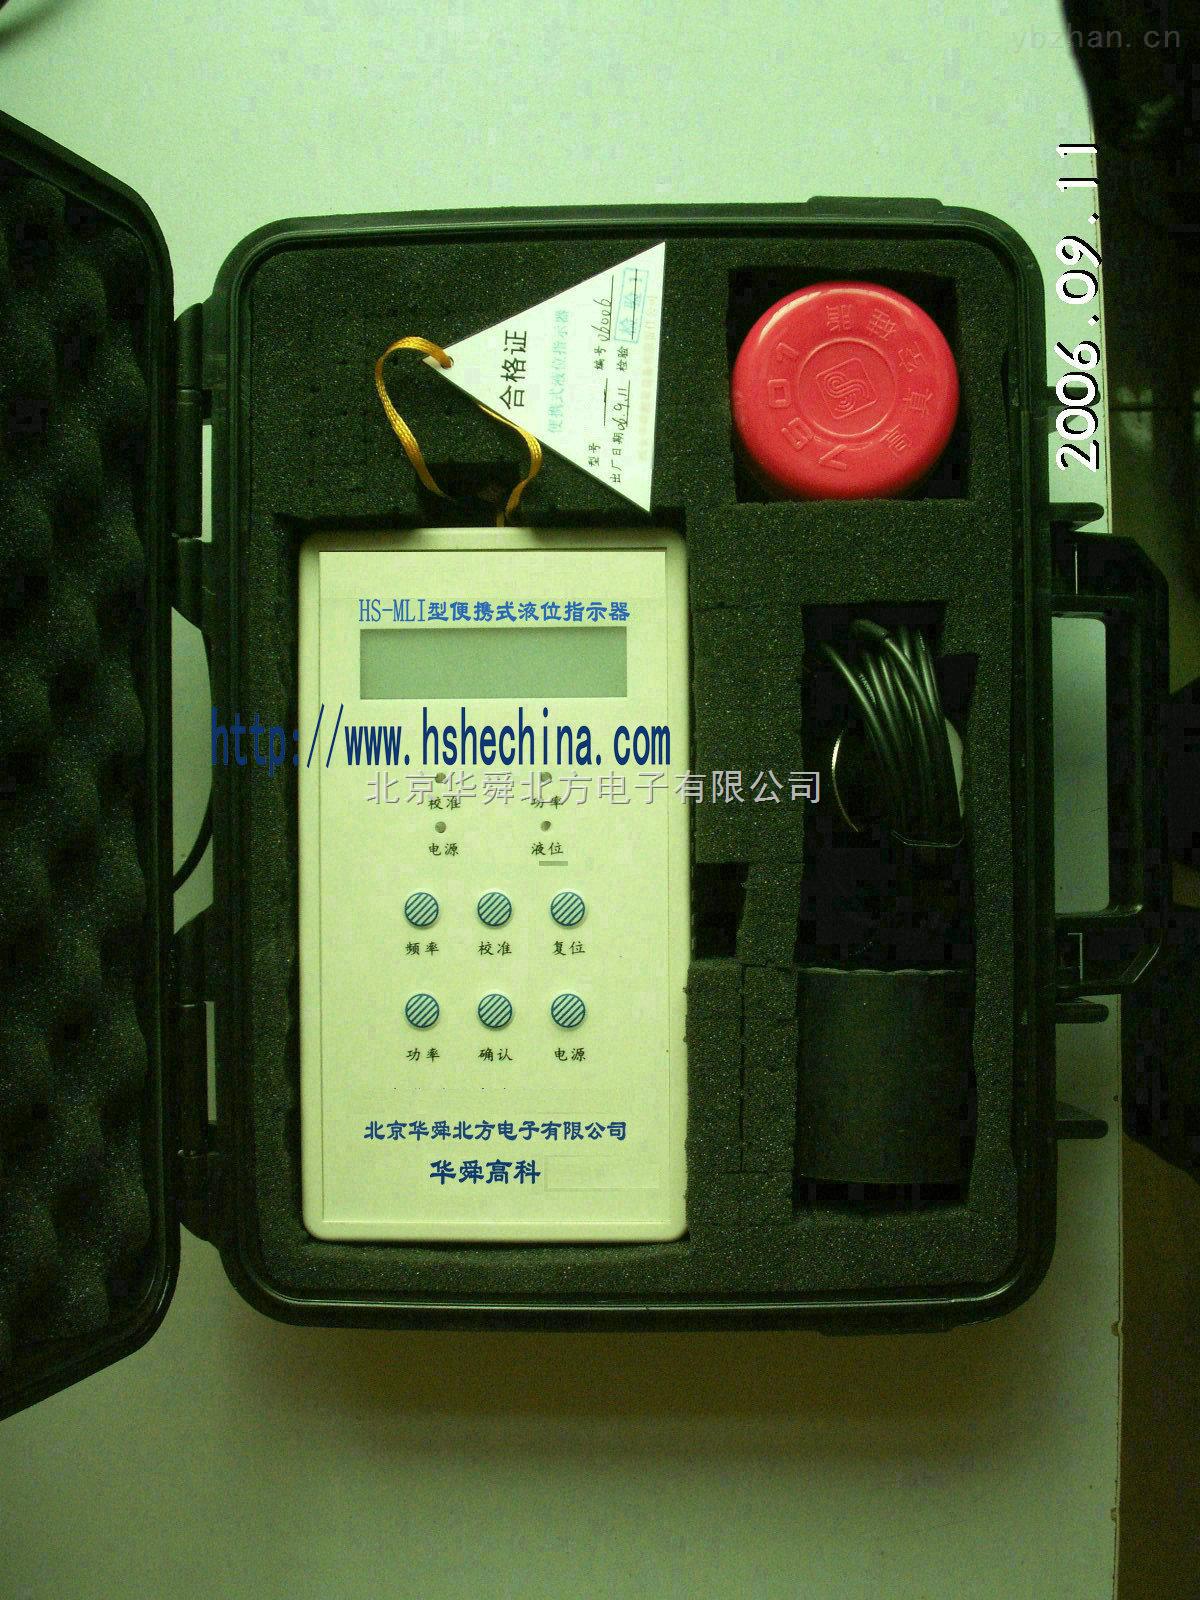 北京華舜手持式液位計